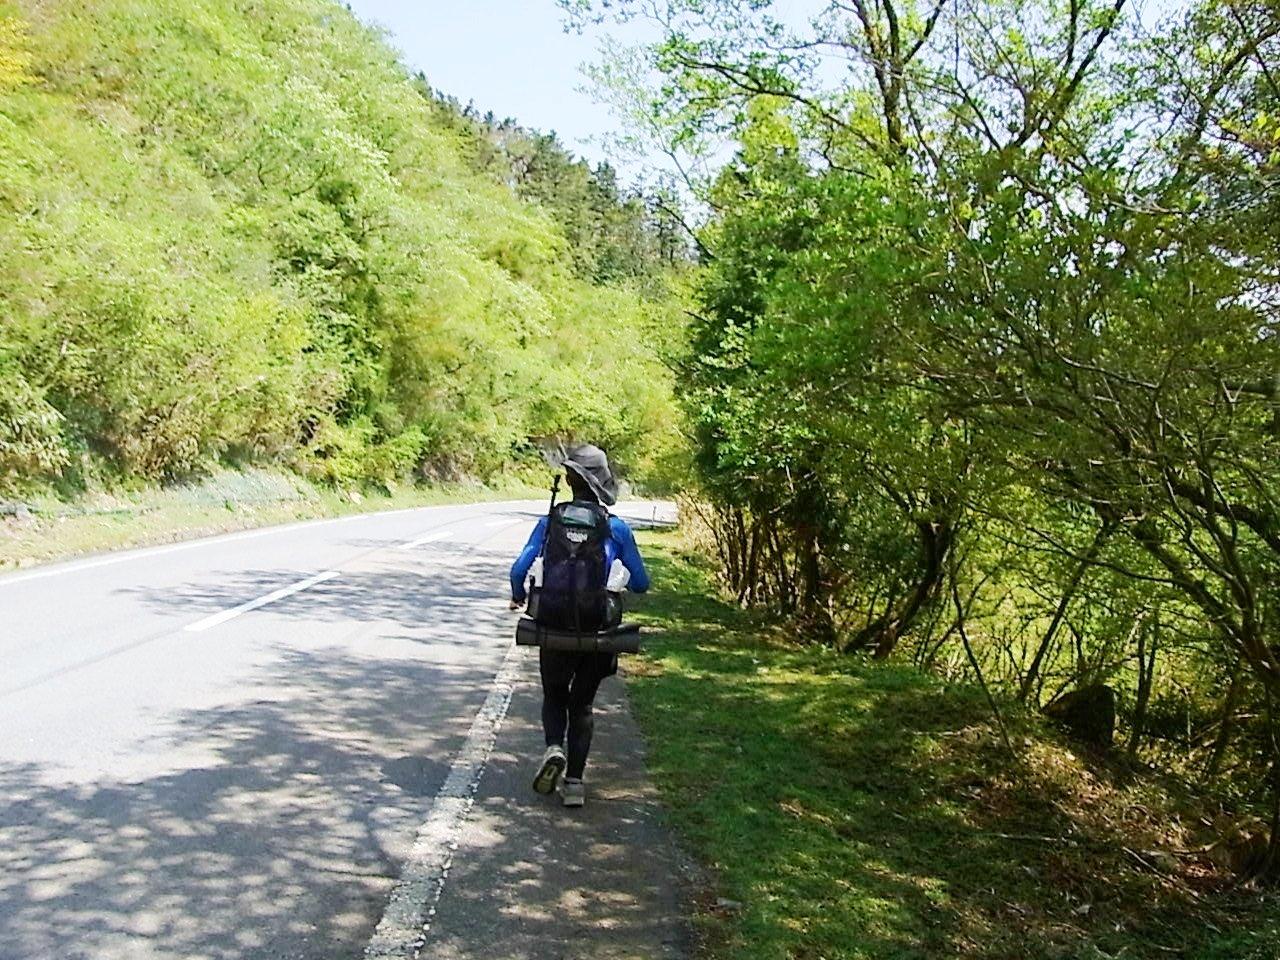 2013.4.27-28 伊豆ファストパッキング day1 (戸田峠-三蓋山)_b0219778_0532418.jpg